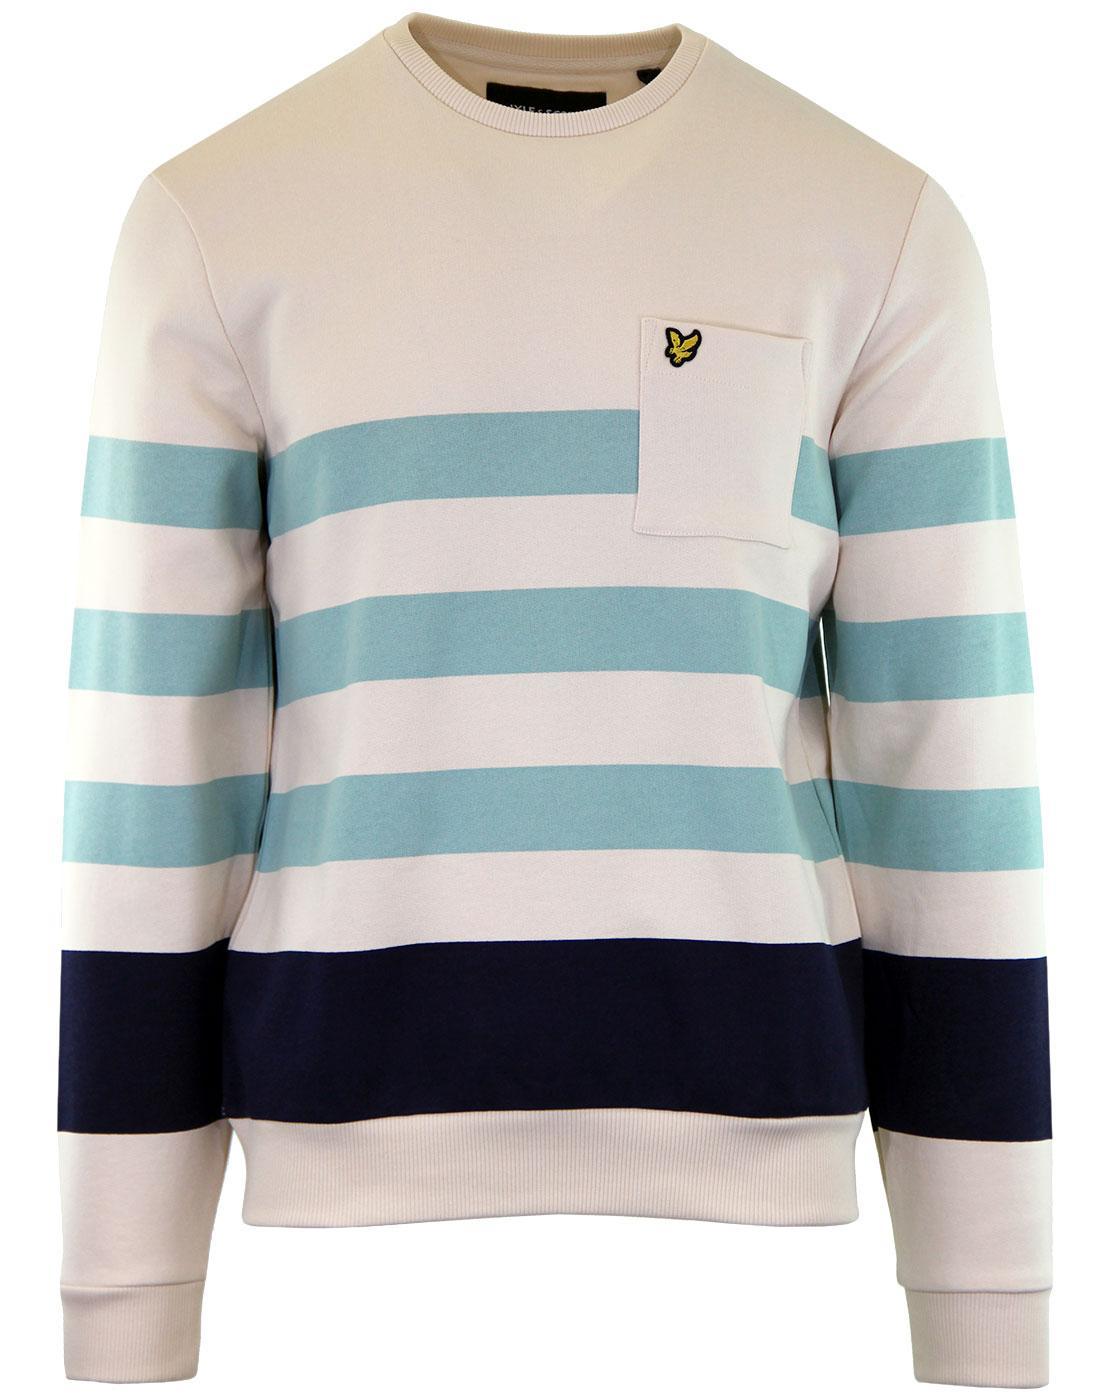 LYLE & SCOTT Men's Retro Indie Stripe Sweatshirt S